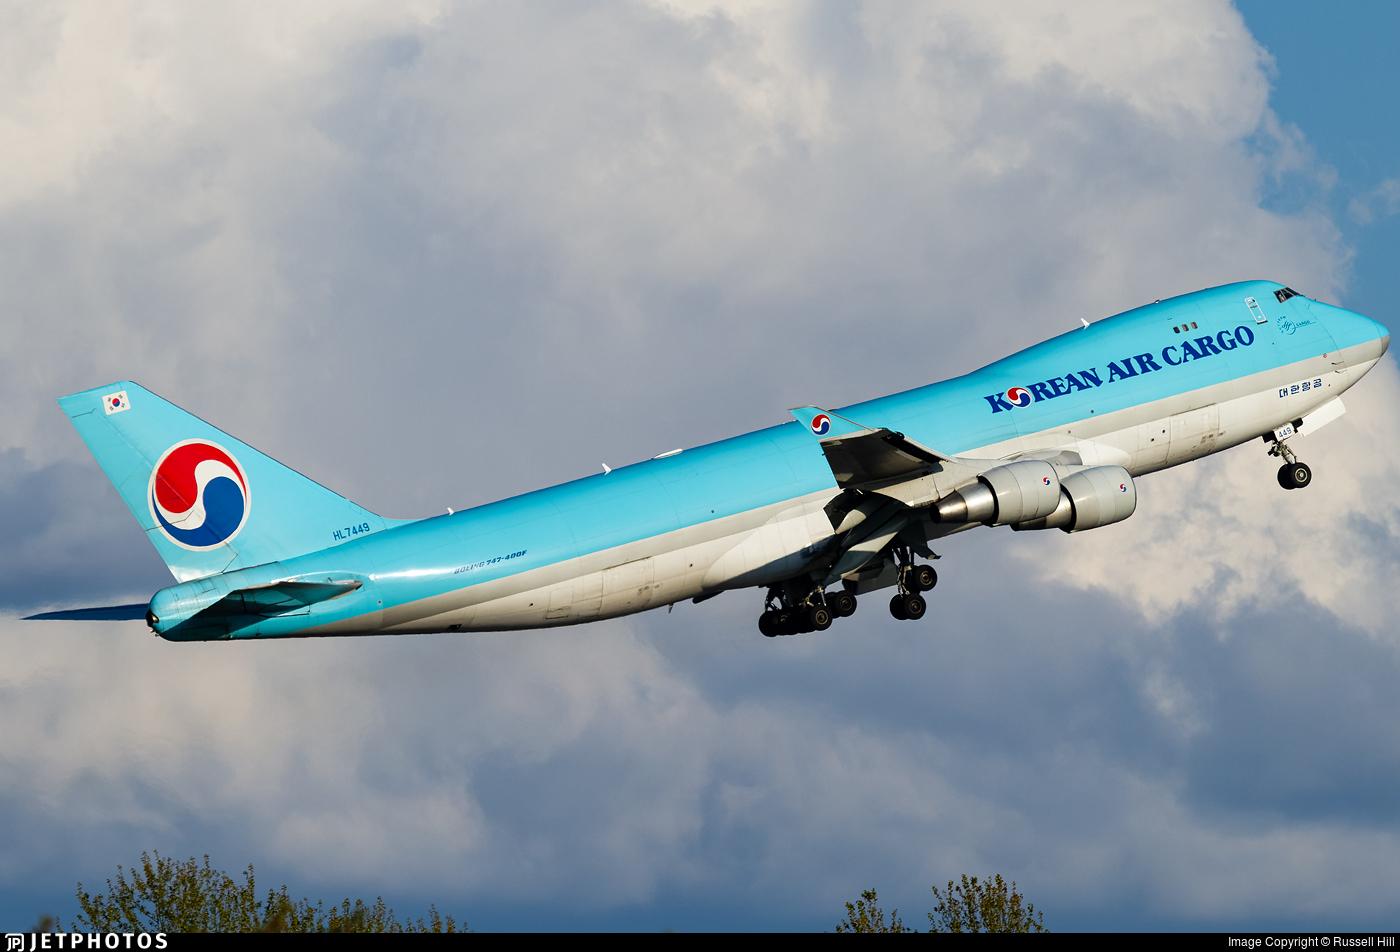 HL7449 - Boeing 747-4B5F(SCD) - Korean Air Cargo